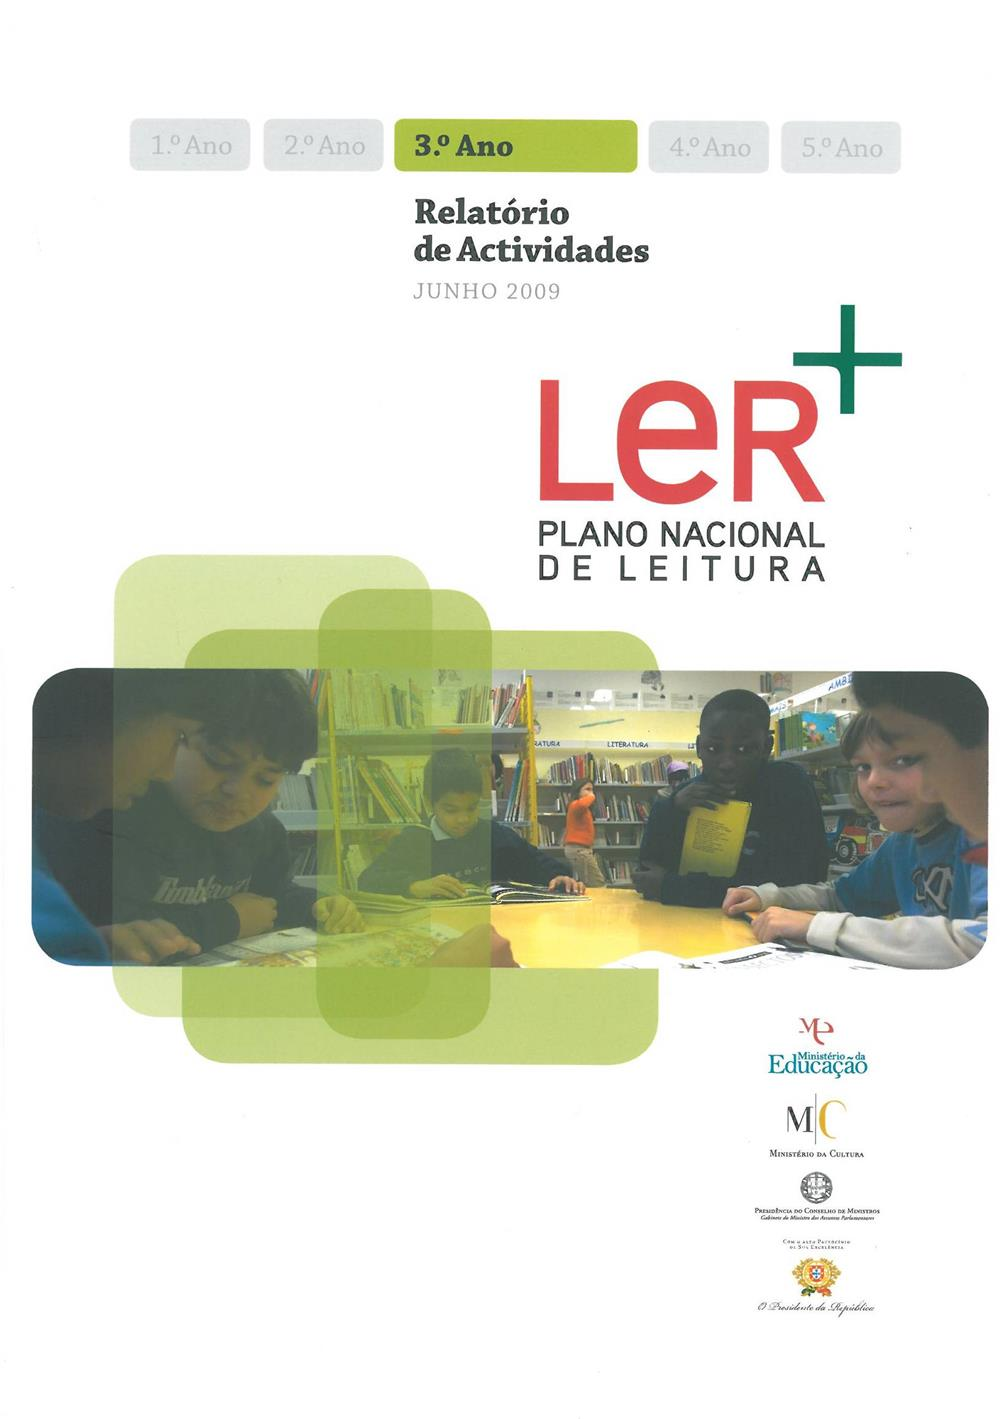 Relatório de actividades_3.º ano.jpg